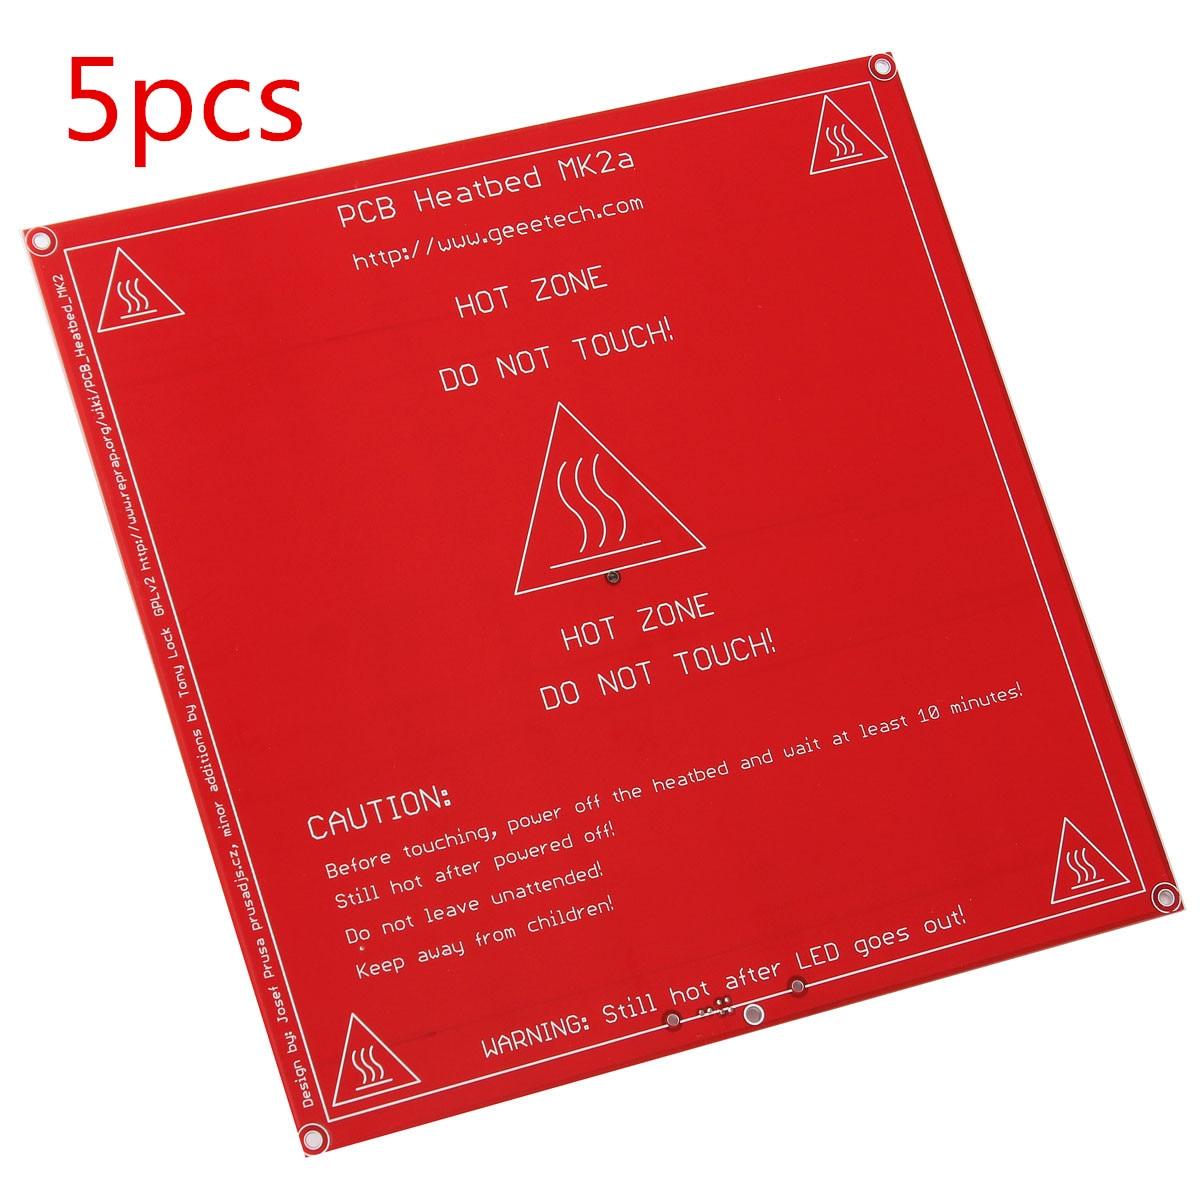 5 pcs 12 v 24 v Rouge PCB de Chaleur Chauffé lit heatbed MK2B Amélioré MK2A pour Mendel pour RepRap 3D imprimante Soutien 214mm x 214mm